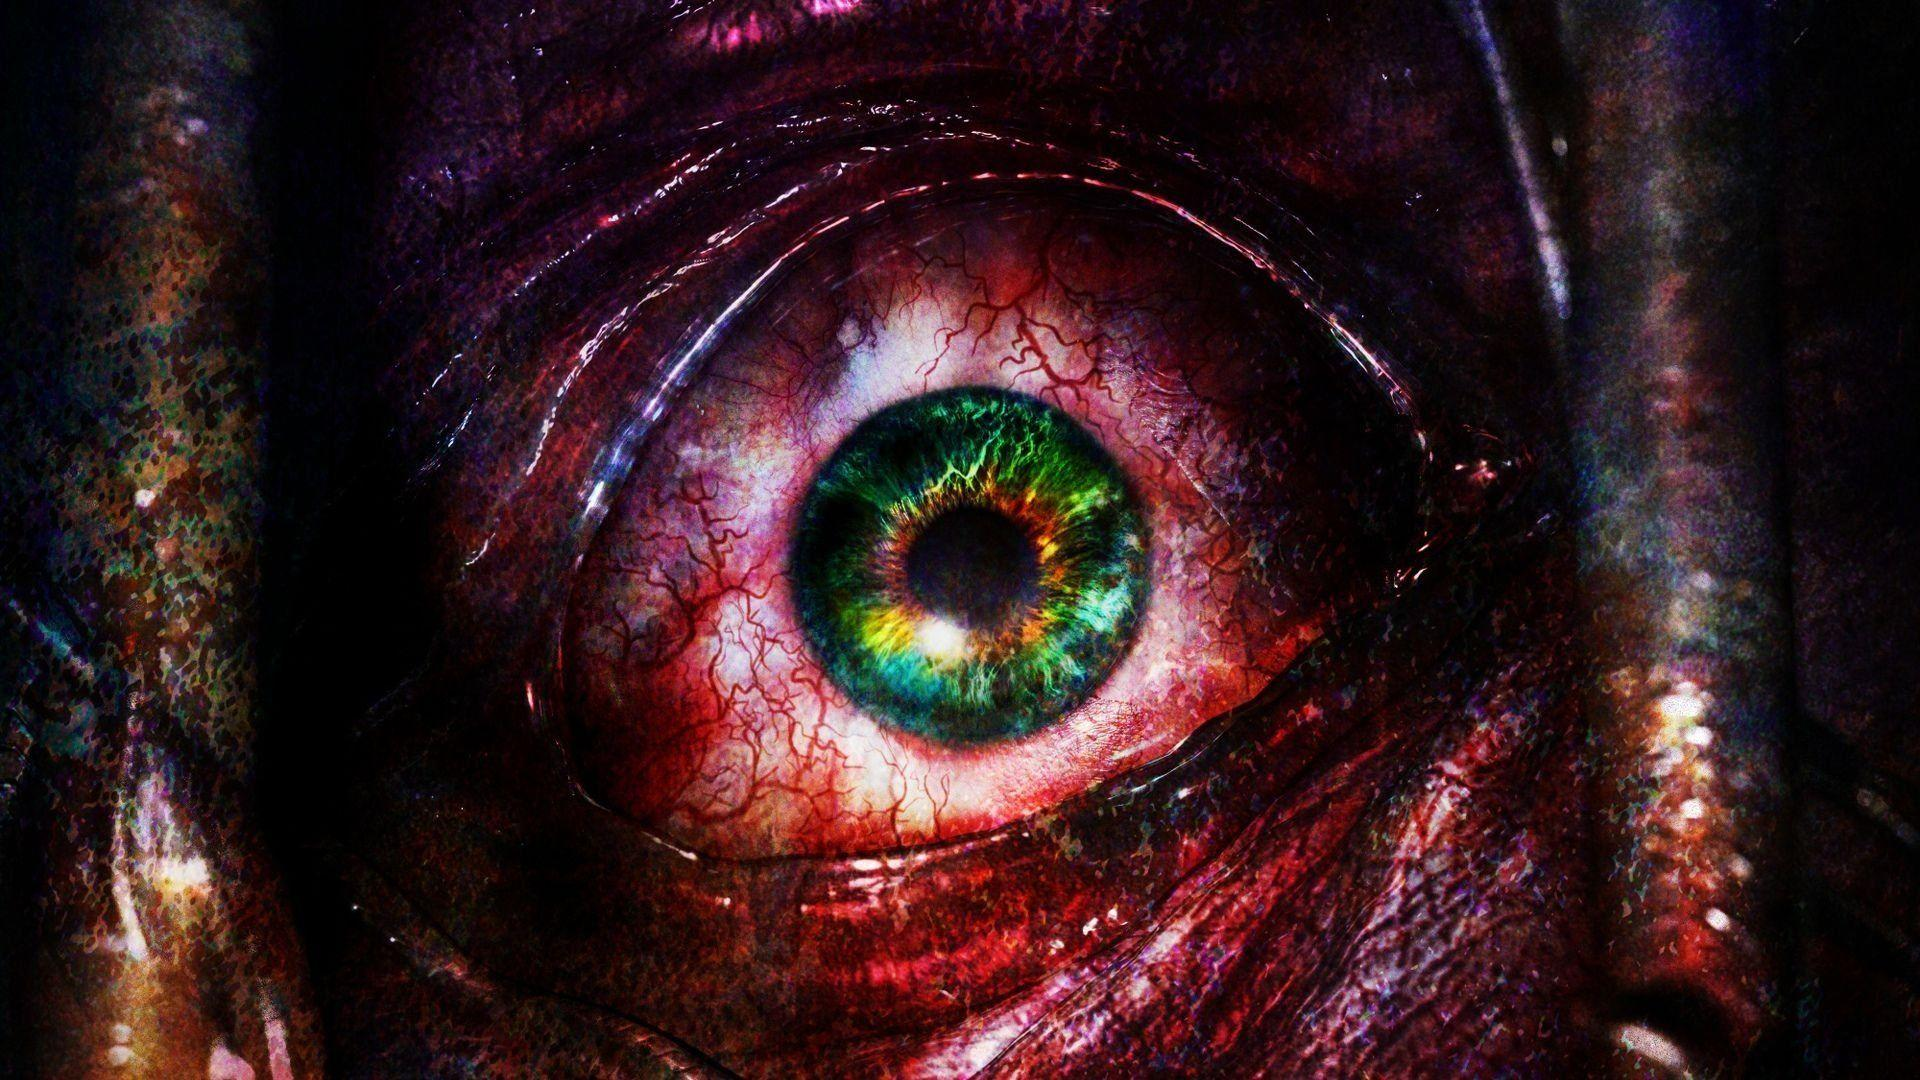 Слух: Resident Evil: Revelations 3 создается в первую очередь для Nintendo Switch 2